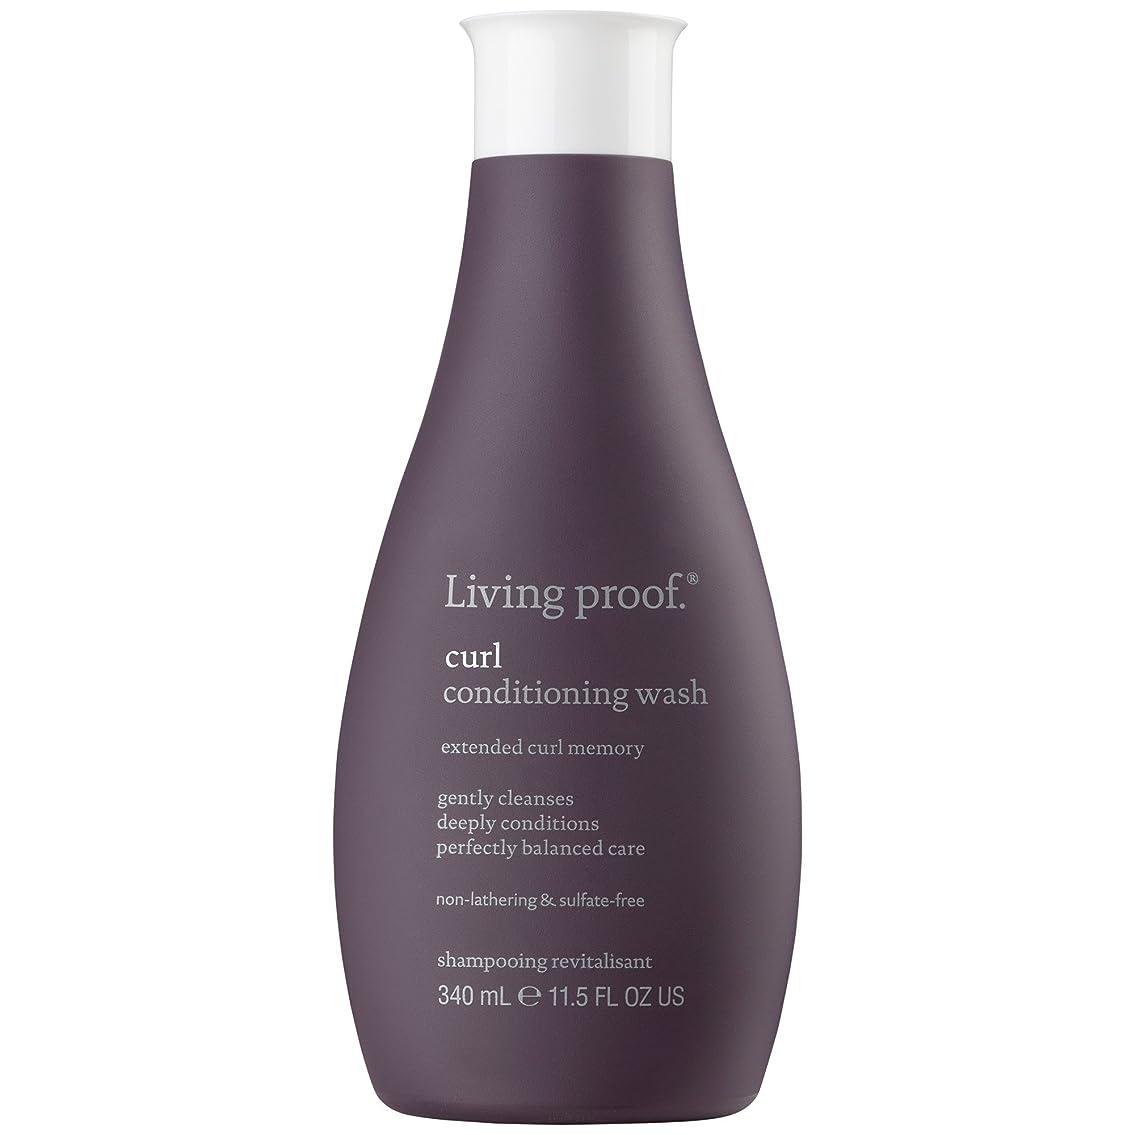 提出するとても多くの絶滅させる生きている証拠カールコンディショニングウォッシュ340ミリリットル (Living Proof) - Living Proof Curl Conditioning Wash 340ml [並行輸入品]